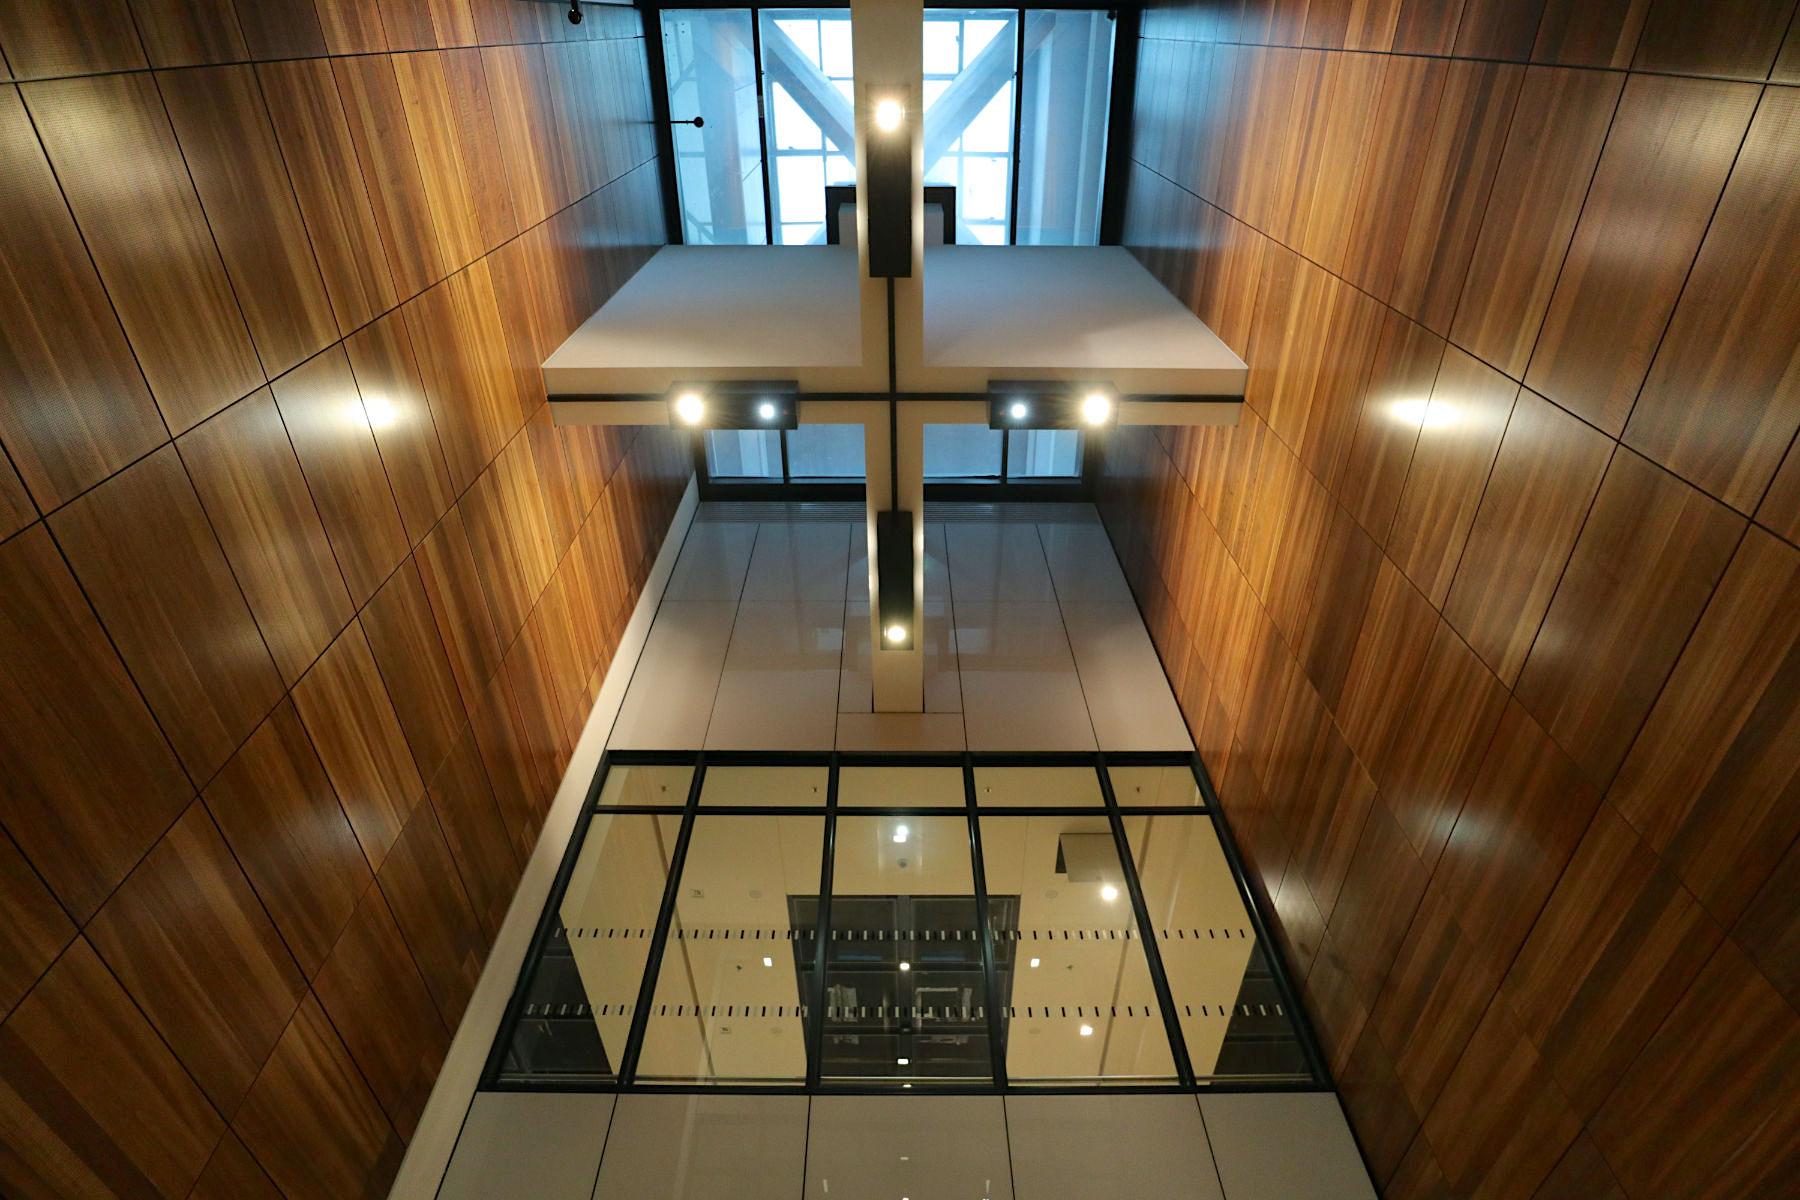 Flughafen Berlin Brandenburg BER. Strenge Symmetrien, Kolonnaden, eine Materialmischung aus Nussbaumholz, Juramarmor, Glas und Beton und das Riesenflachdach sind die zentralen Elemente der BER-Architektur am Hauptterminal.